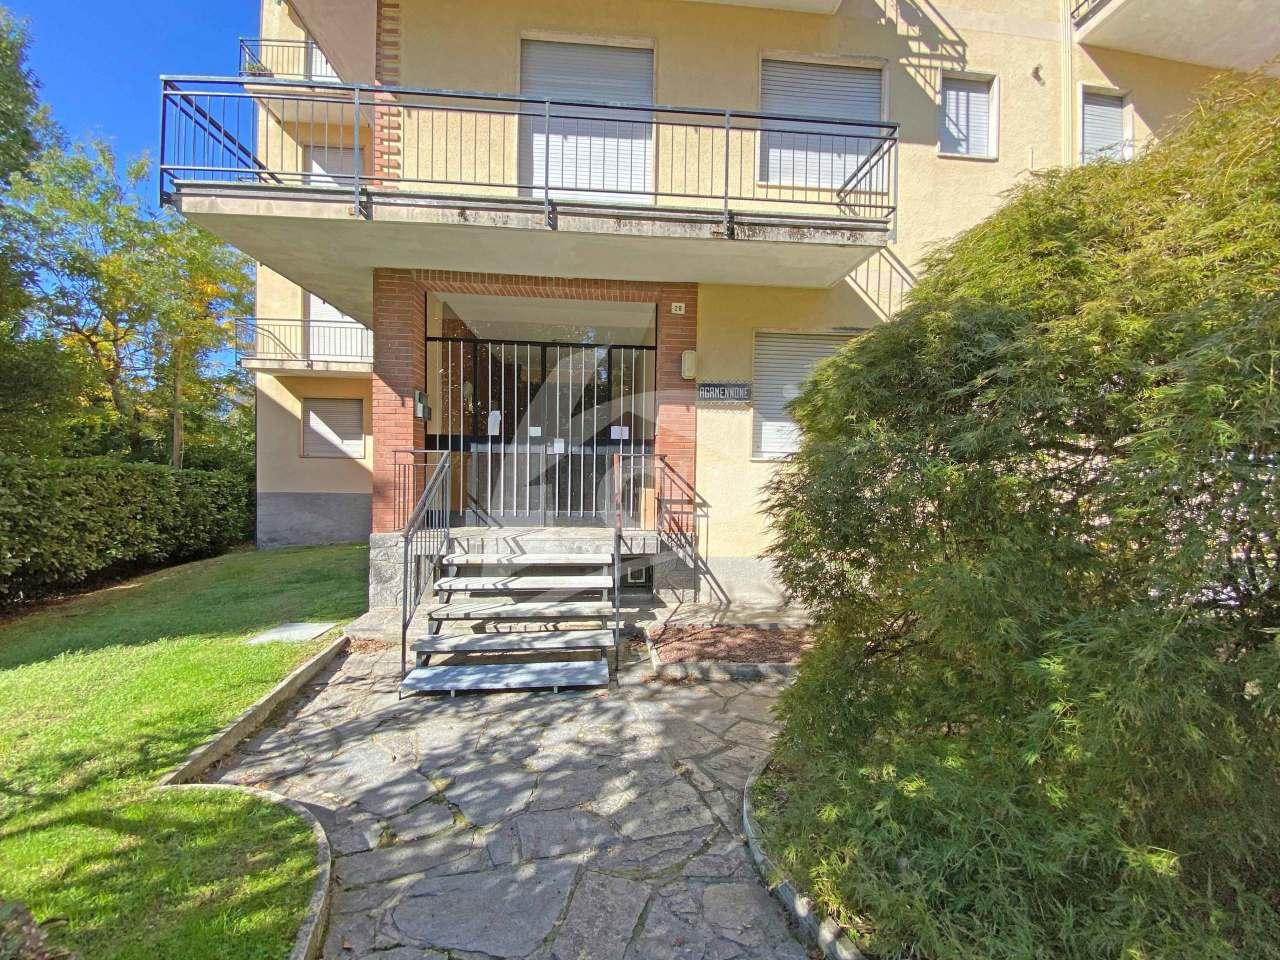 Appartamento in vendita a Laveno-Mombello, 3 locali, prezzo € 110.000 | PortaleAgenzieImmobiliari.it